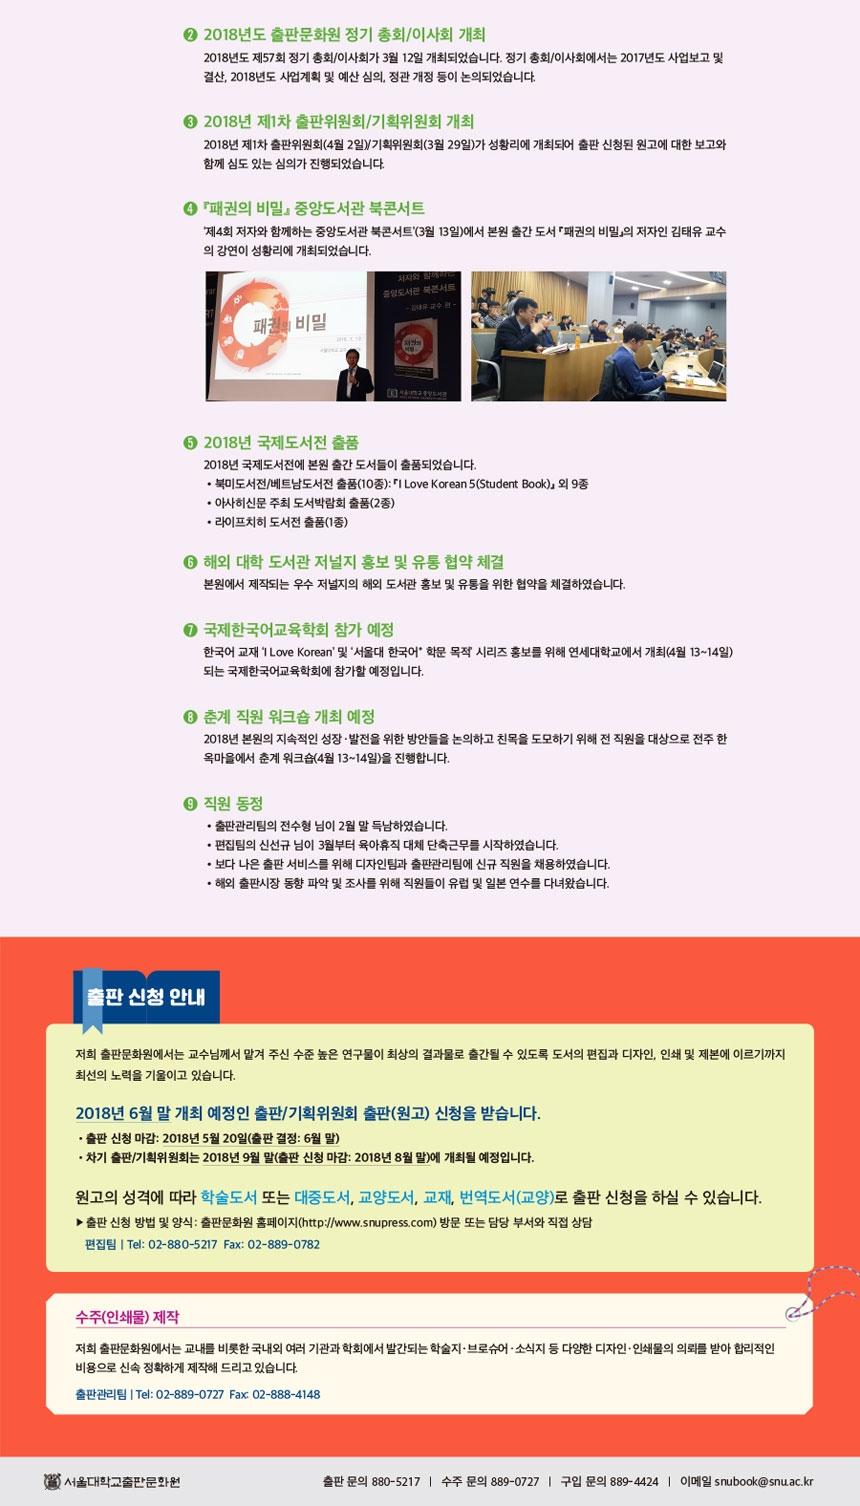 서울대학교 출판문화원 뉴스레터(2018-04월호)